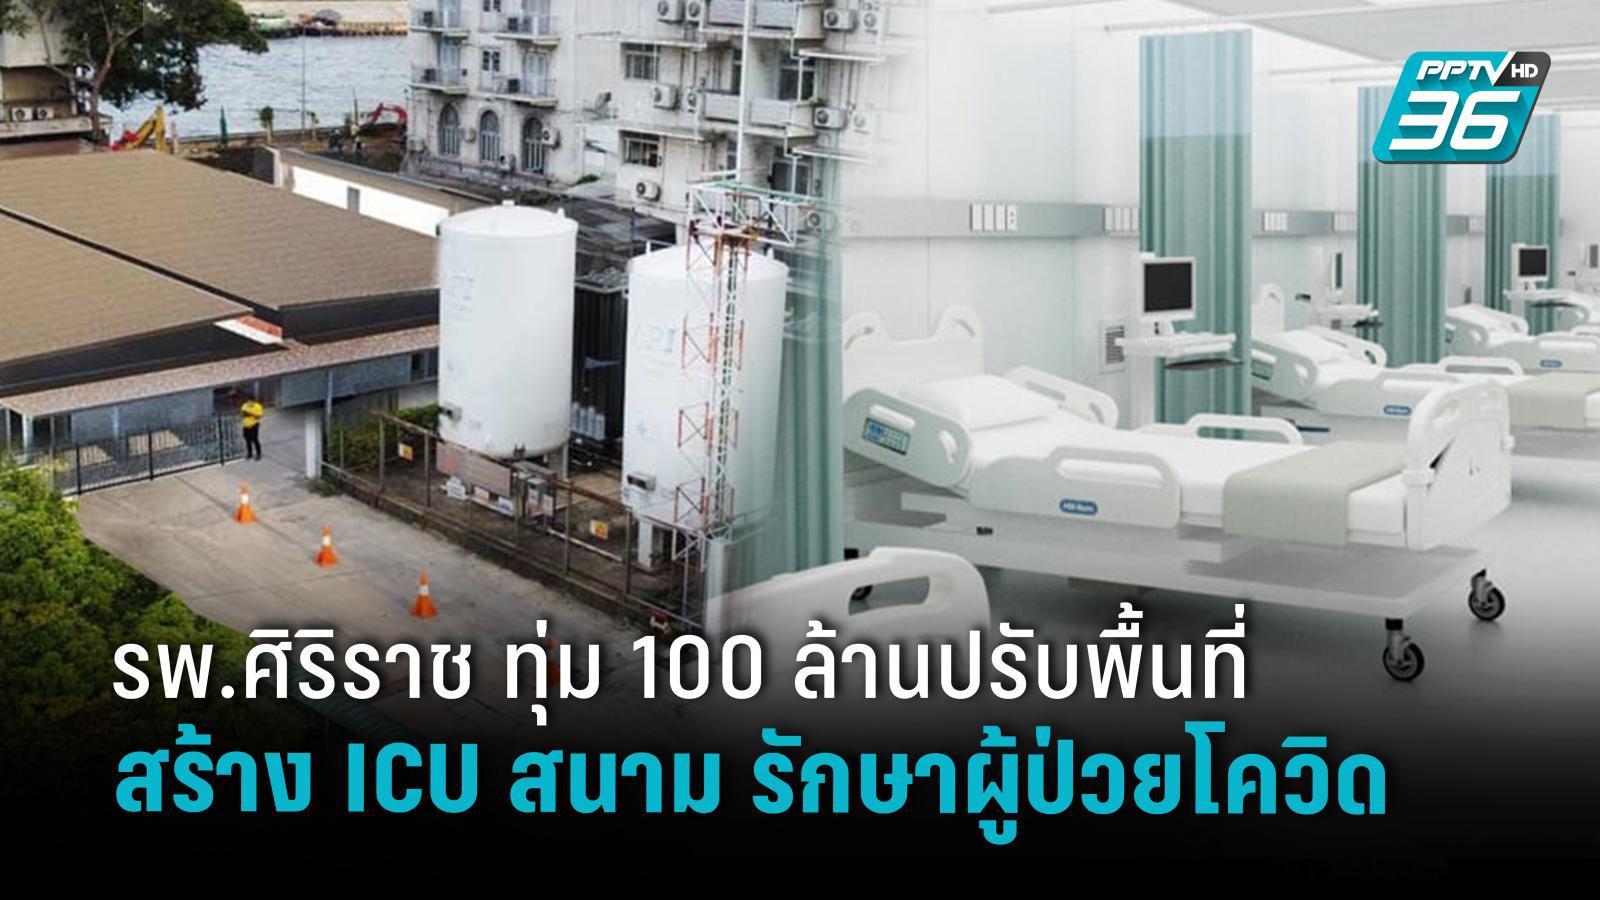 """ศิริราช ทุ่มงบ 100 ล้านสร้างไอซียูสนาม """"หอผู้ป่วยวิกฤตโรคโควิด 19""""  ดีเดย์ 30 สิงหา เปิดให้บริการ"""